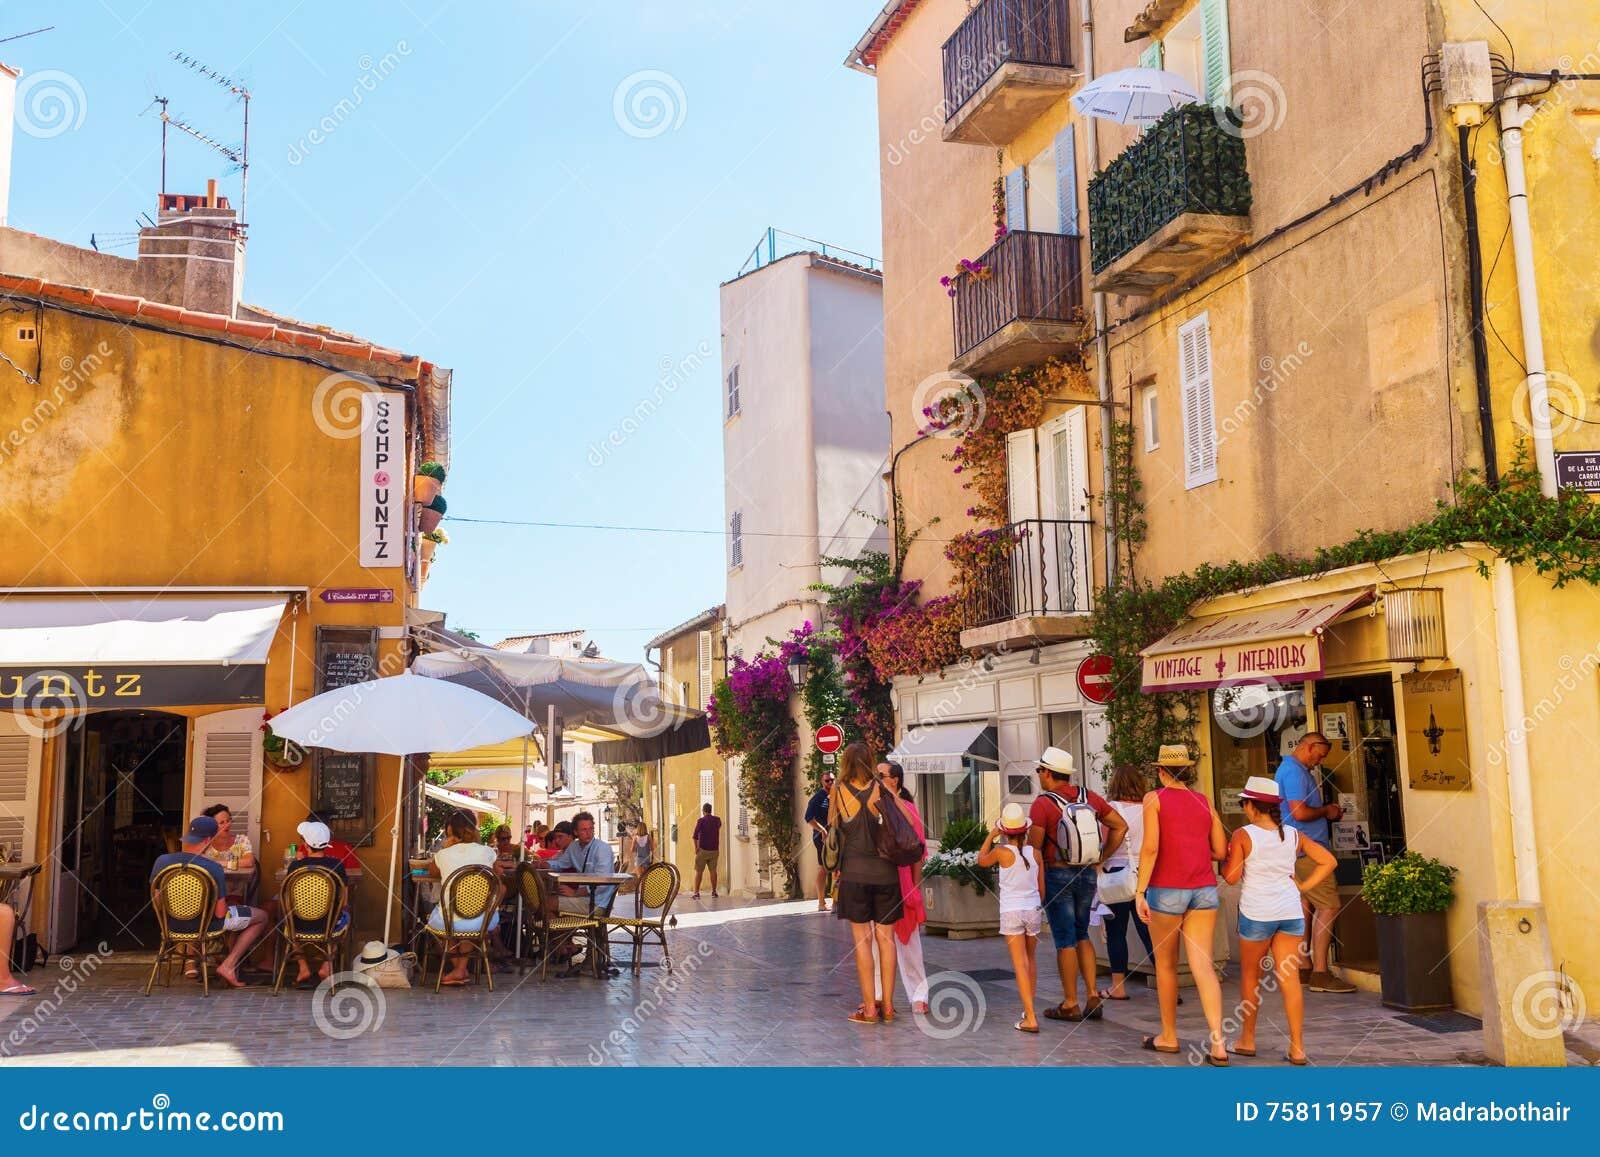 Restaurant La Villa Romana St Tropez